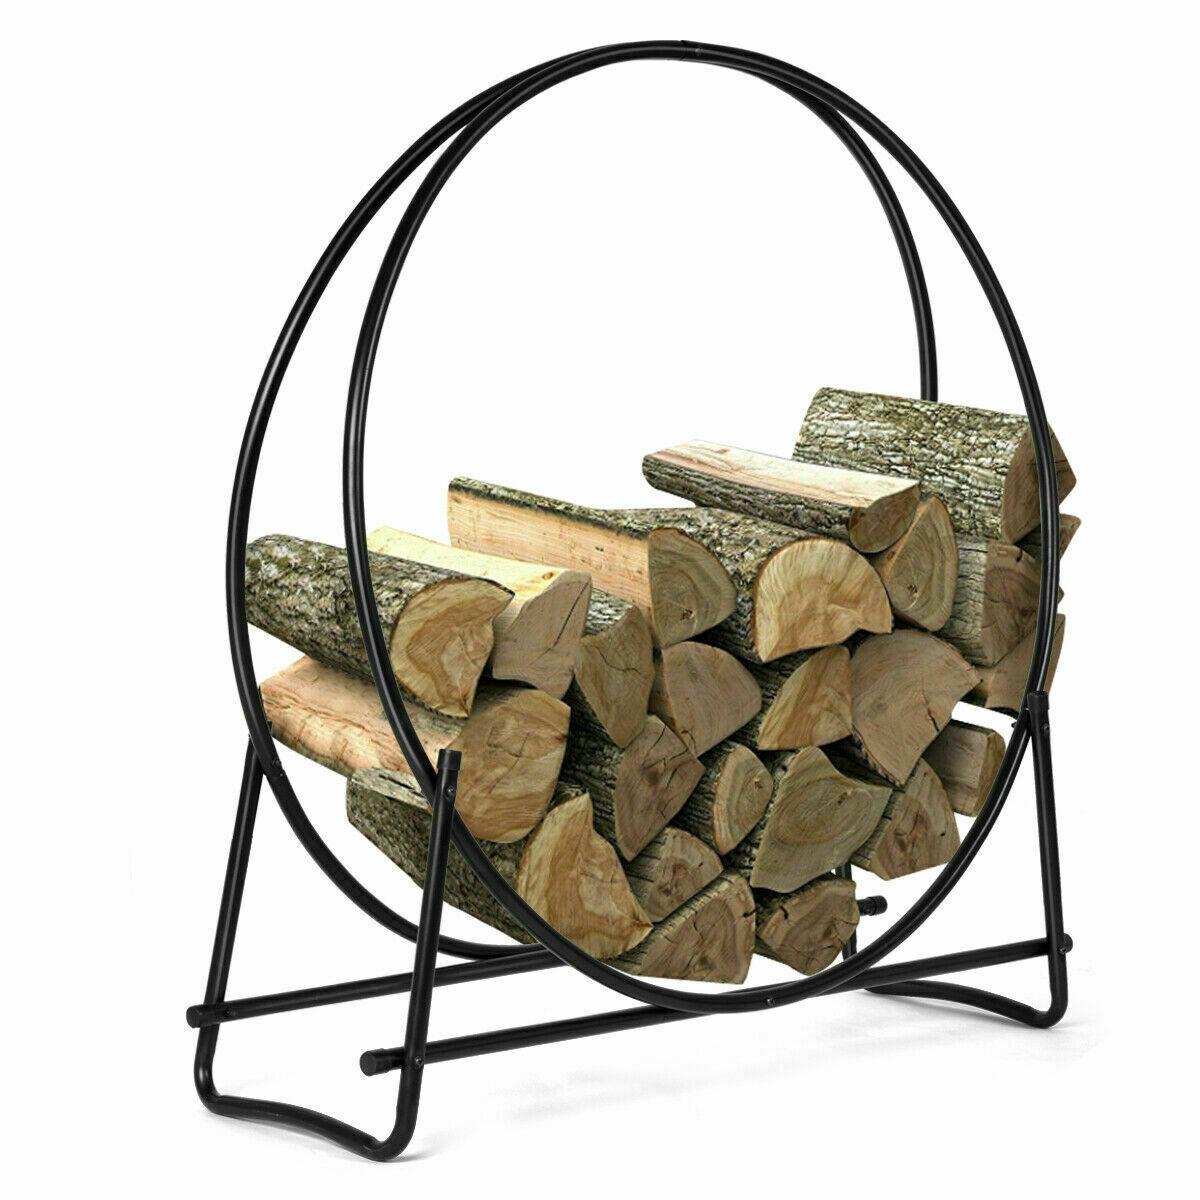 Panacea 15210 40-Inch Solid Steel Log Hoop